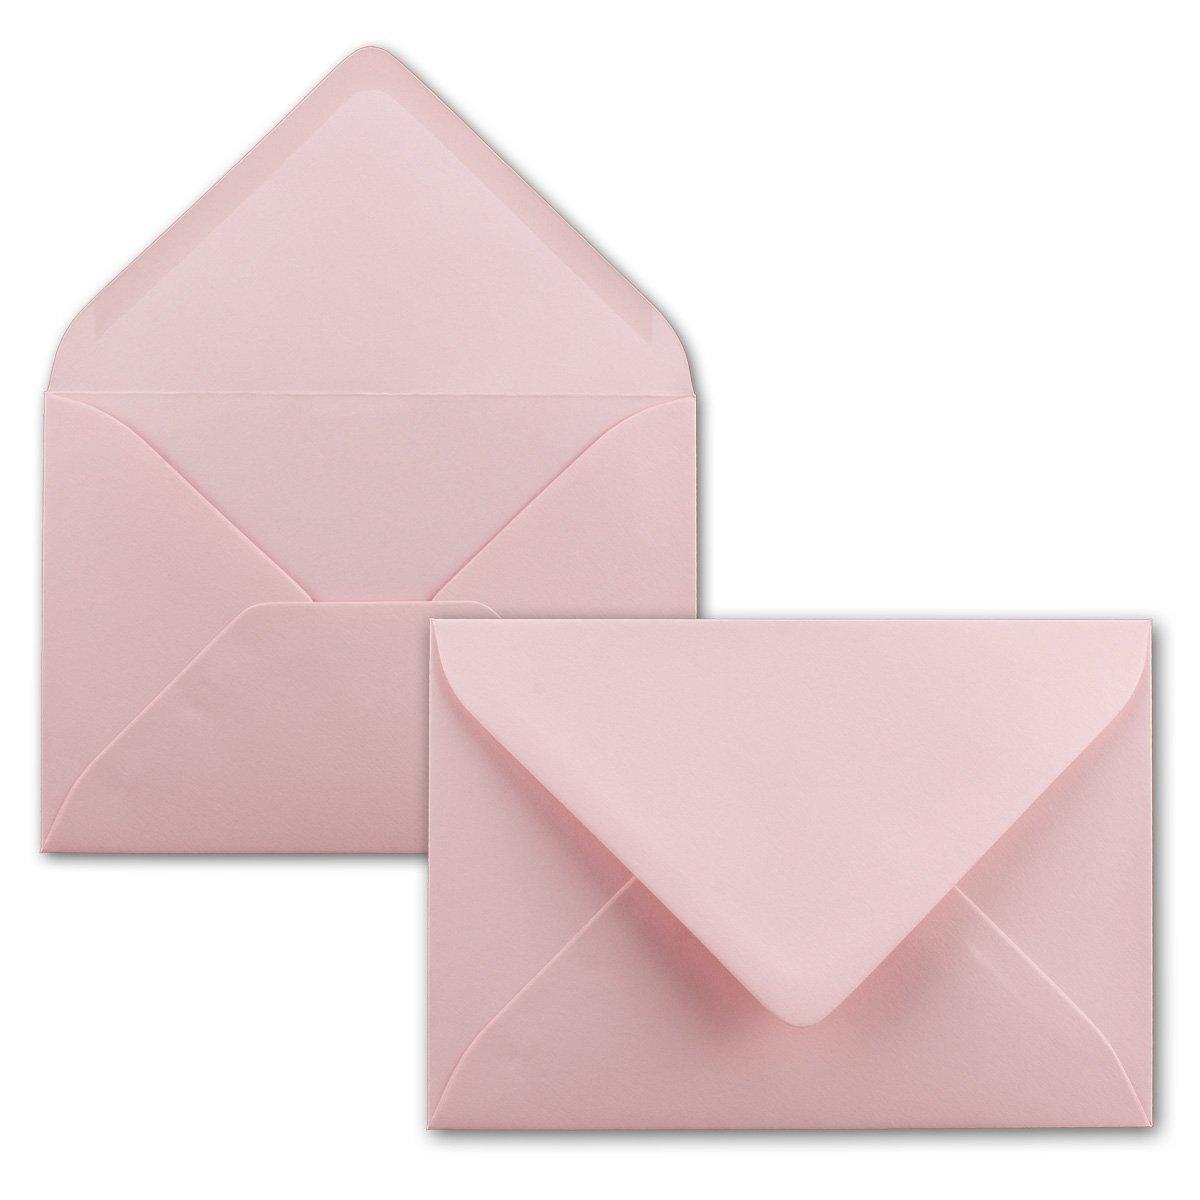 200x Stück Karte-Umschlag-Set Karte-Umschlag-Set Karte-Umschlag-Set Einzel-Karten Din A7 10,5x7,3 cm 240 g m² Dunkelgrün mit Brief-Umschlägen C7 Nassklebung ideale Geschenkanhänger B07MJ9RJ3J | Authentisch  11b38d